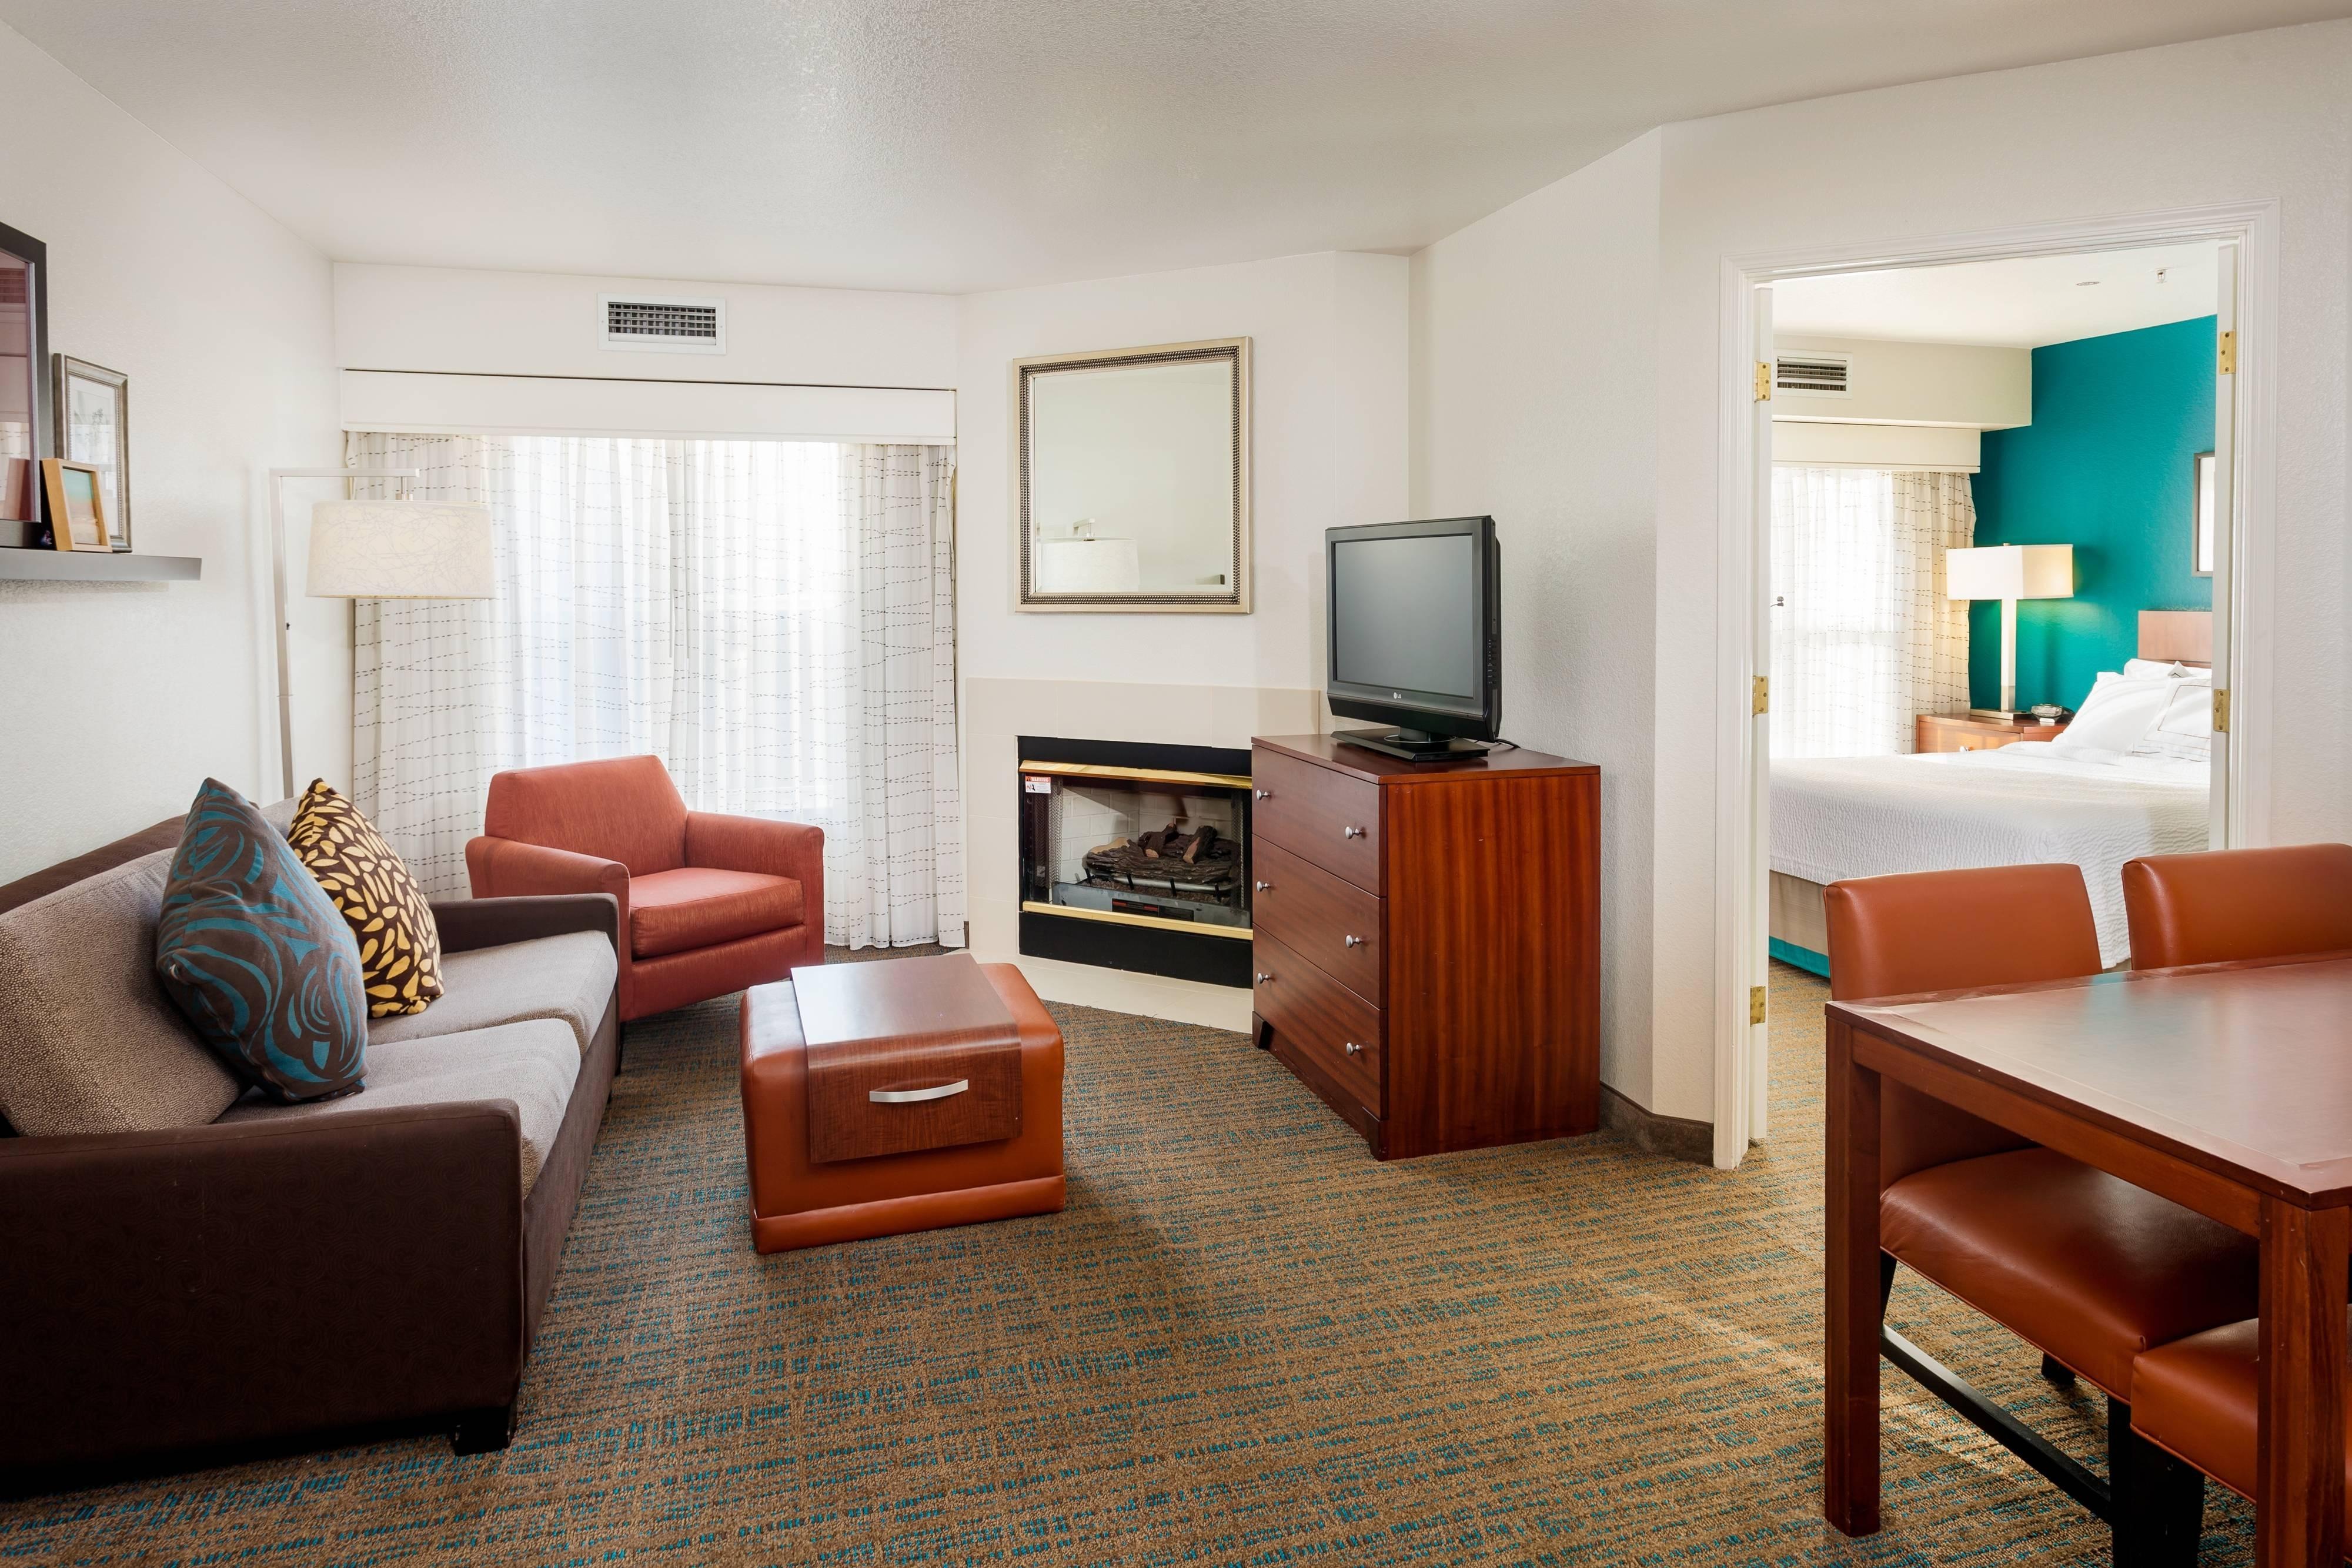 Suite mit zwei Schlafzimmern – Wohnbereich